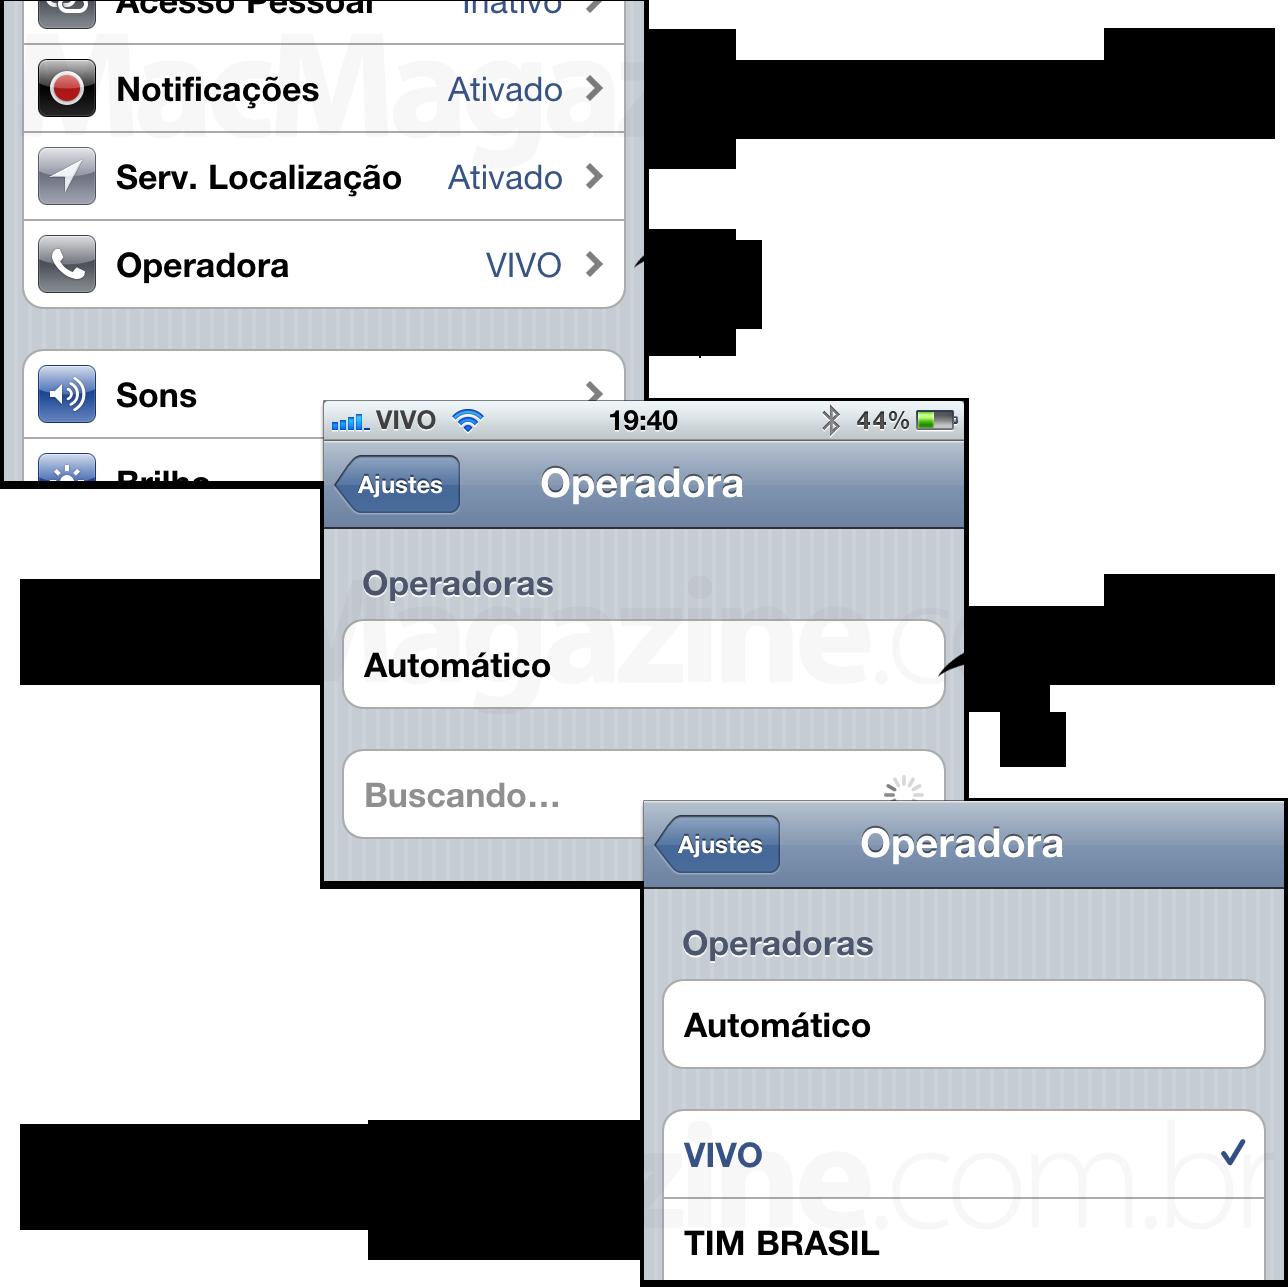 Configurando a operadora manualmente no iPhone